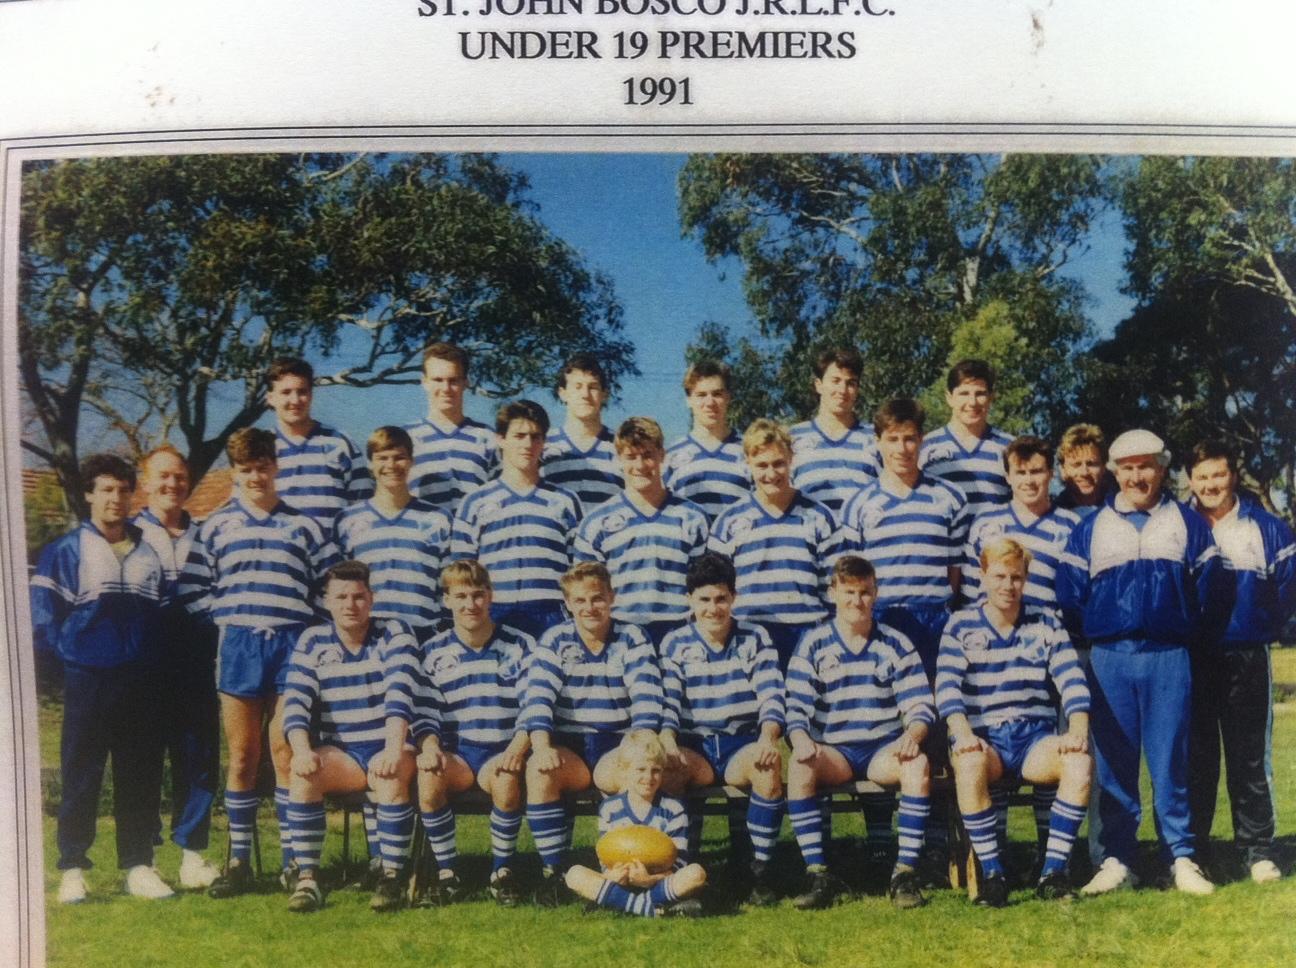 1991 19 Premiers.jpg